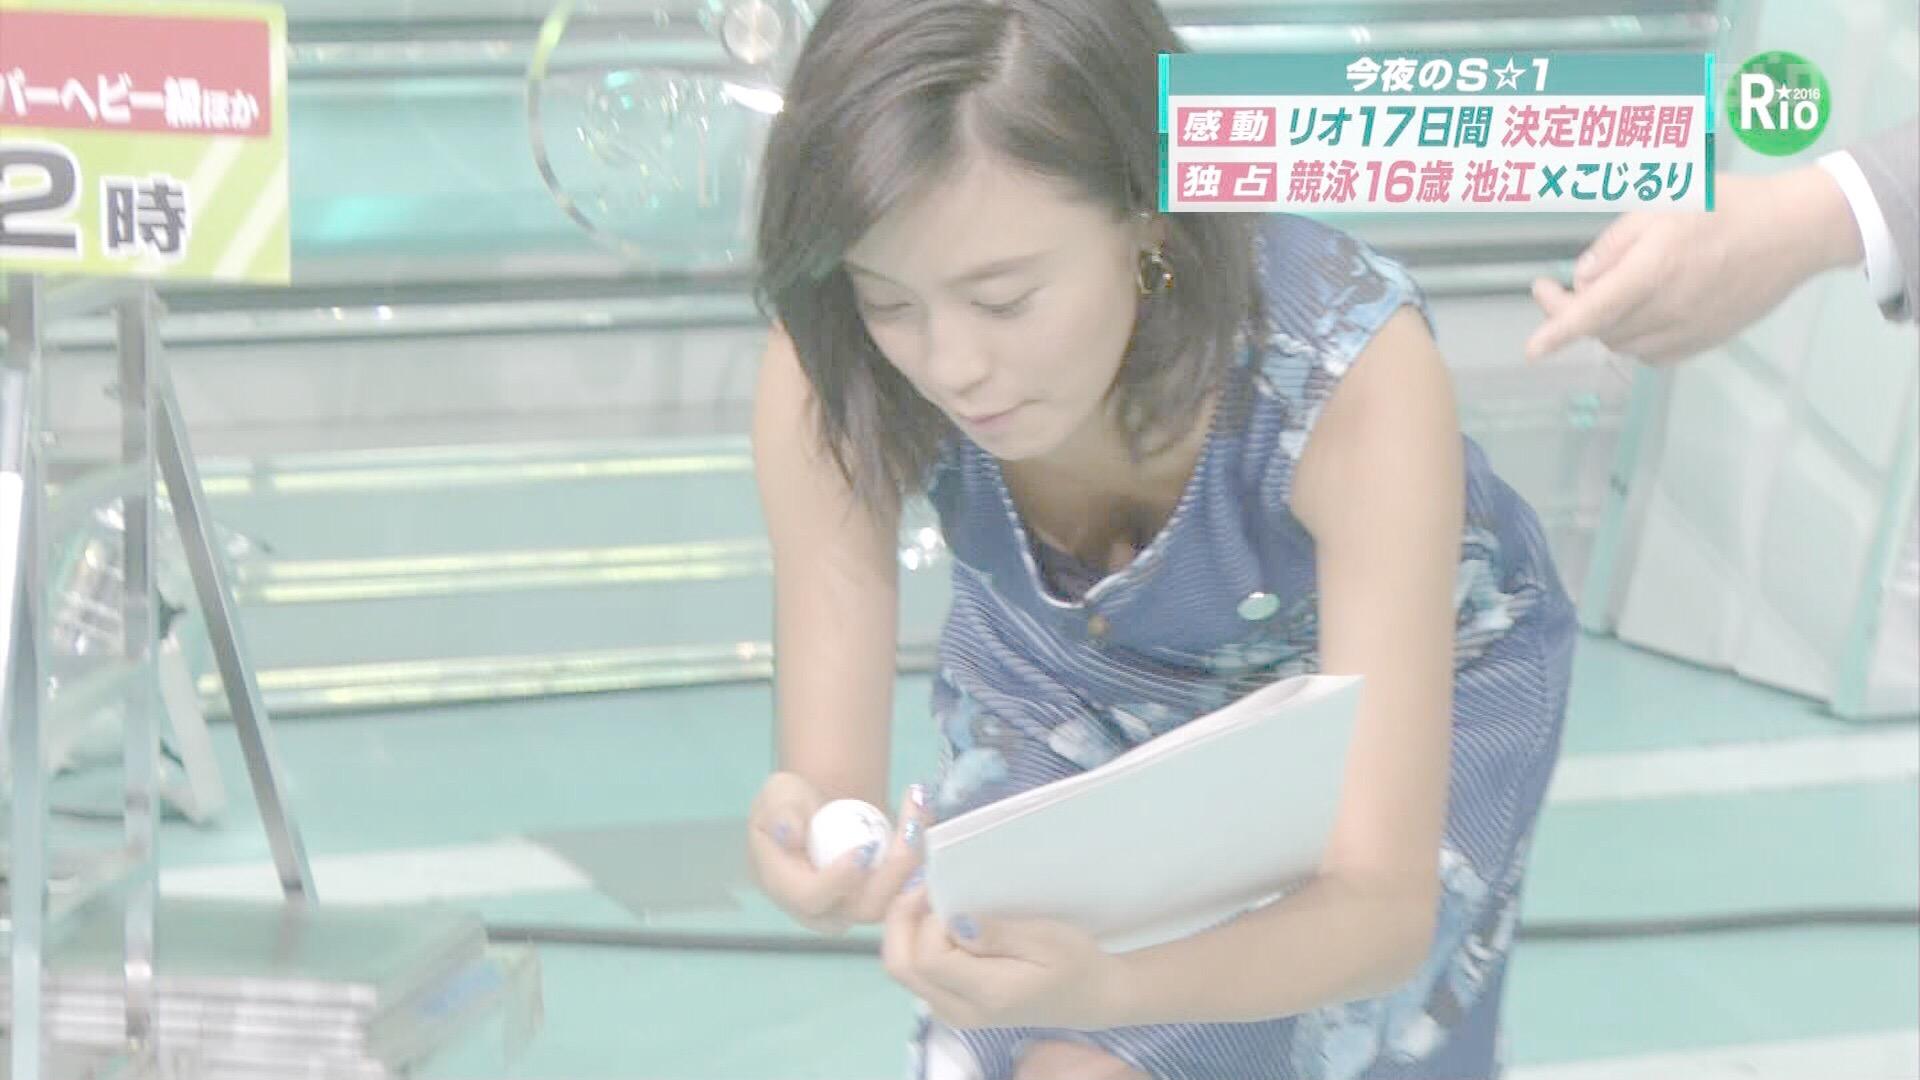 小島瑠璃子の下着丸見えパンチラエロ画像が抜ける